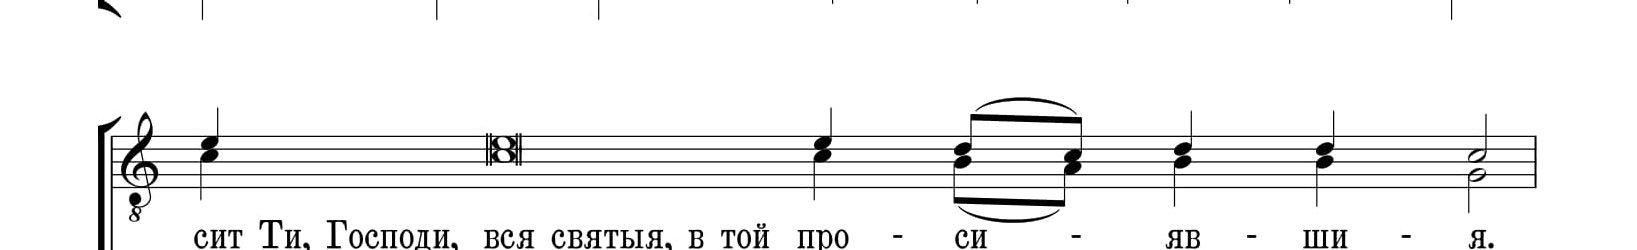 Тропарь Русским святым (напев Троице Сергиевой Лавры)